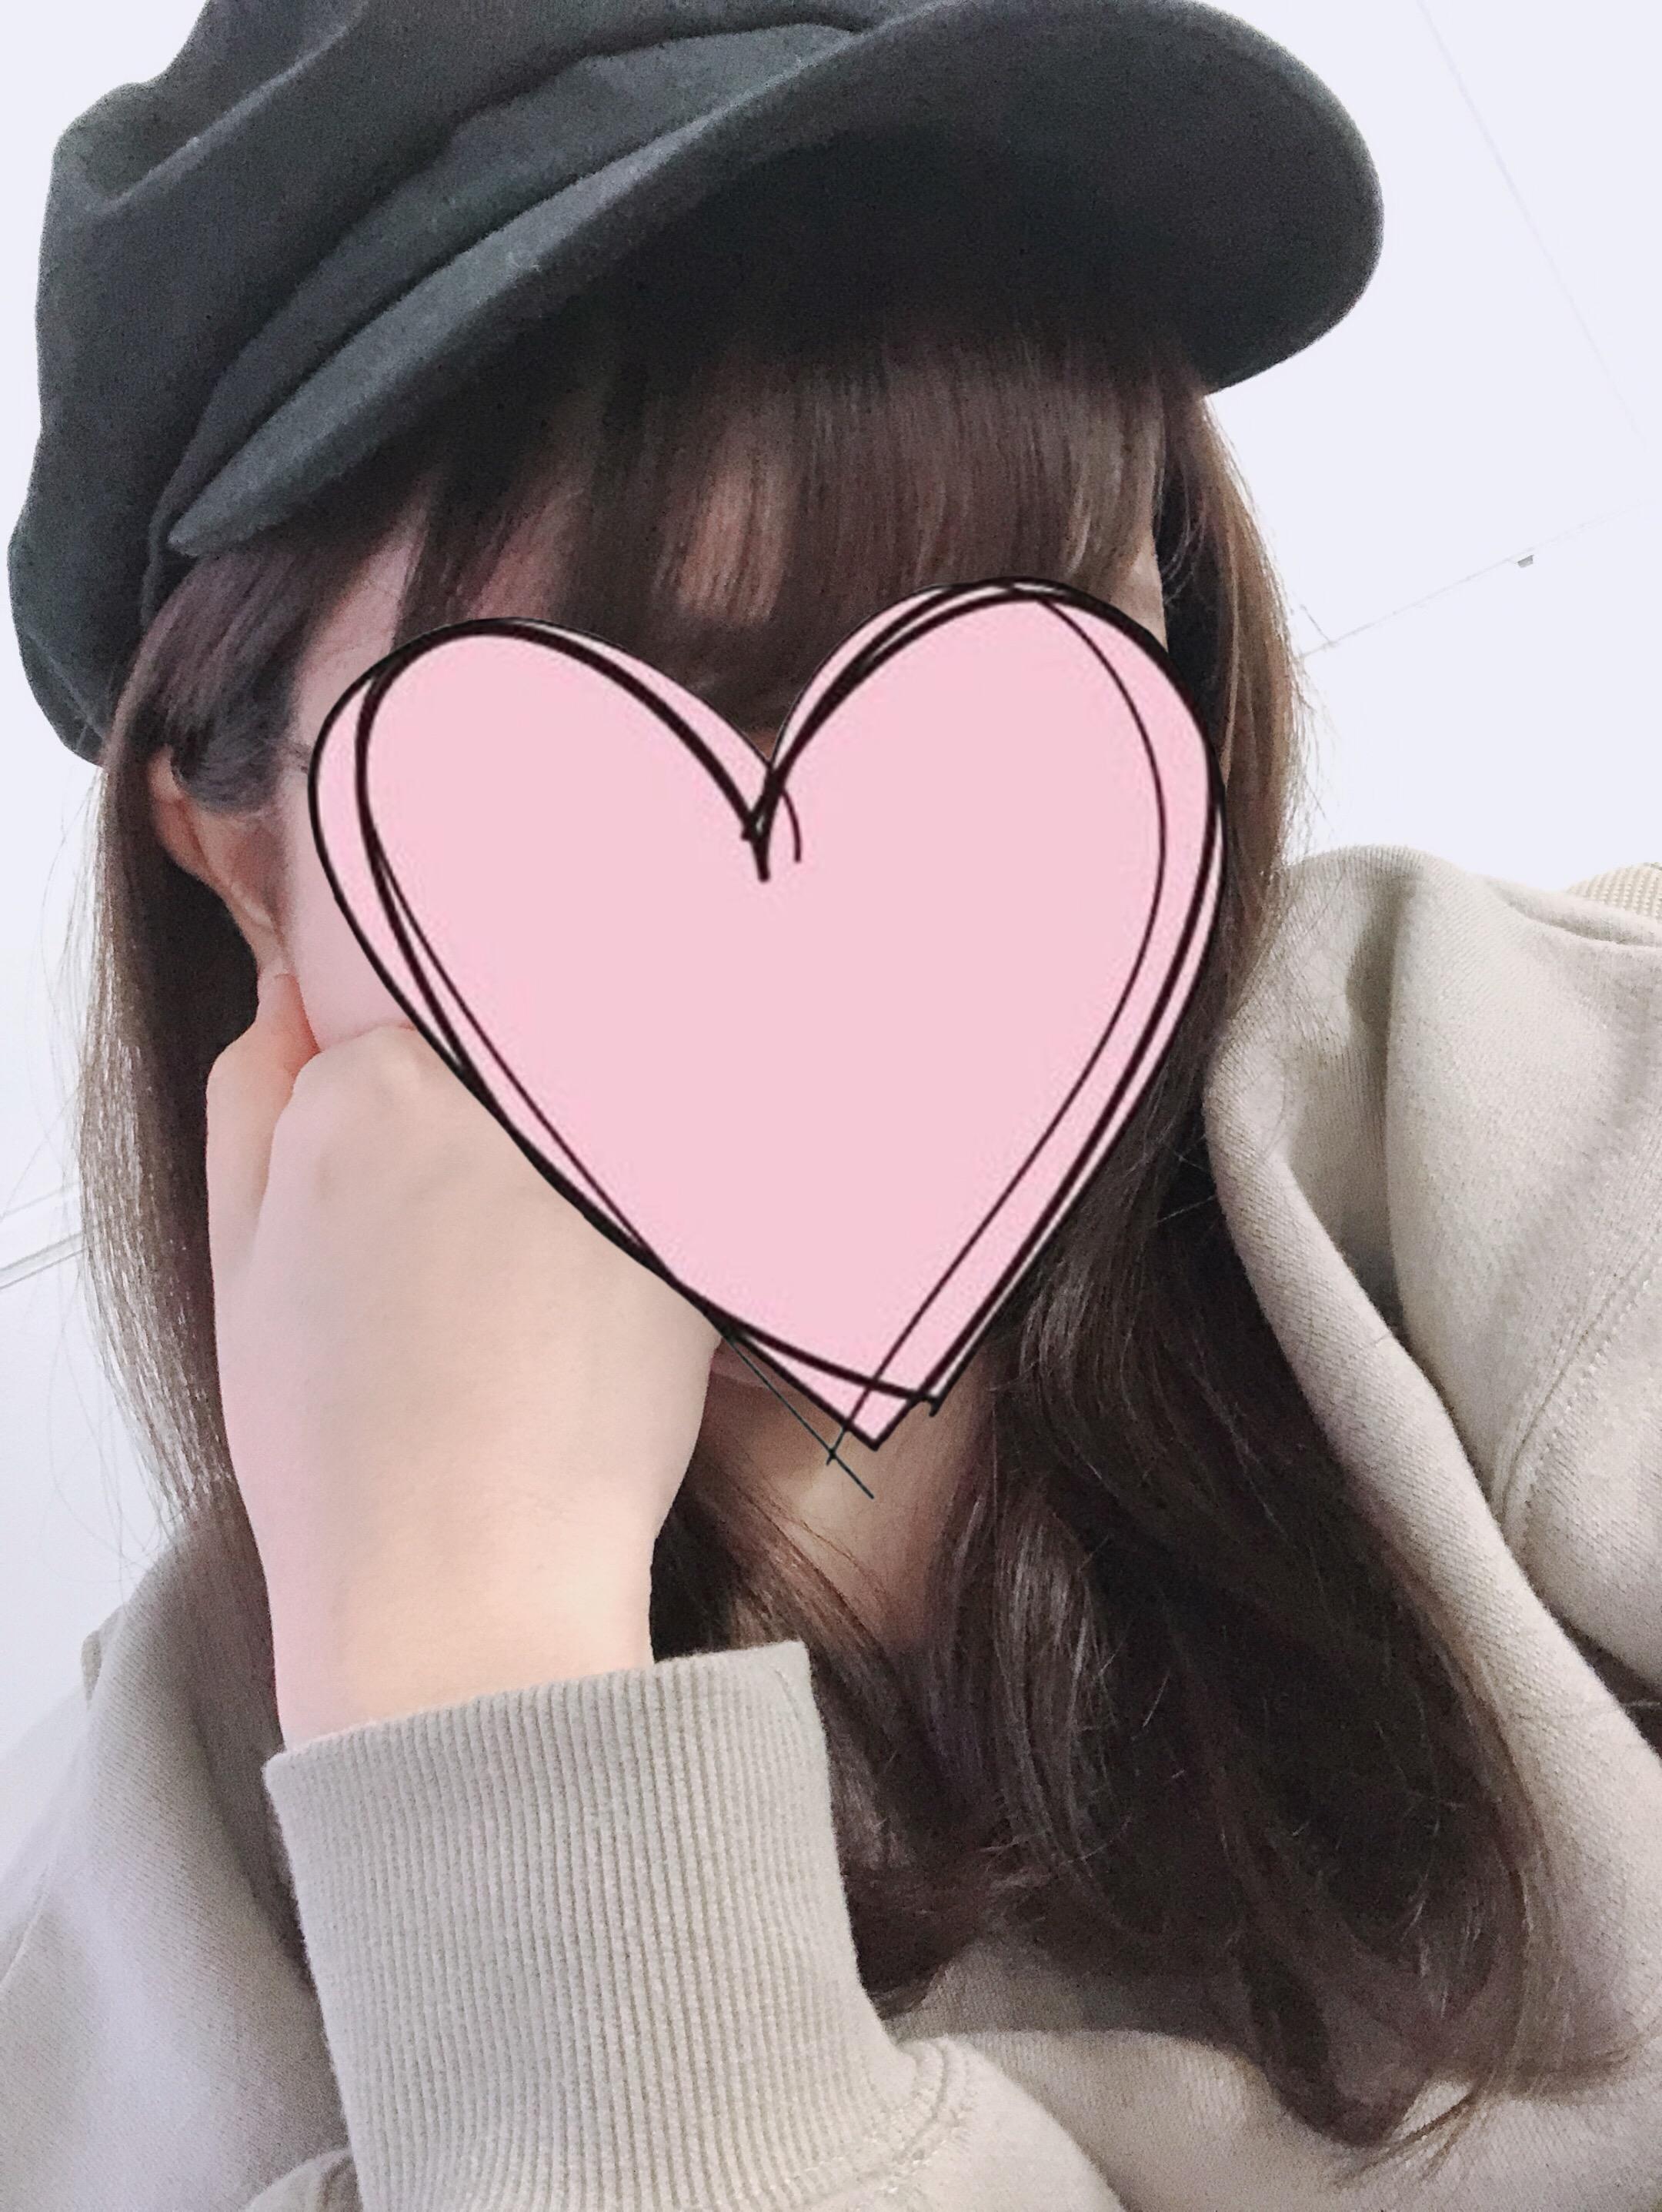 「* 待機中 *」11/01(11/01) 17:00 | みすず(ナース)の写メ・風俗動画